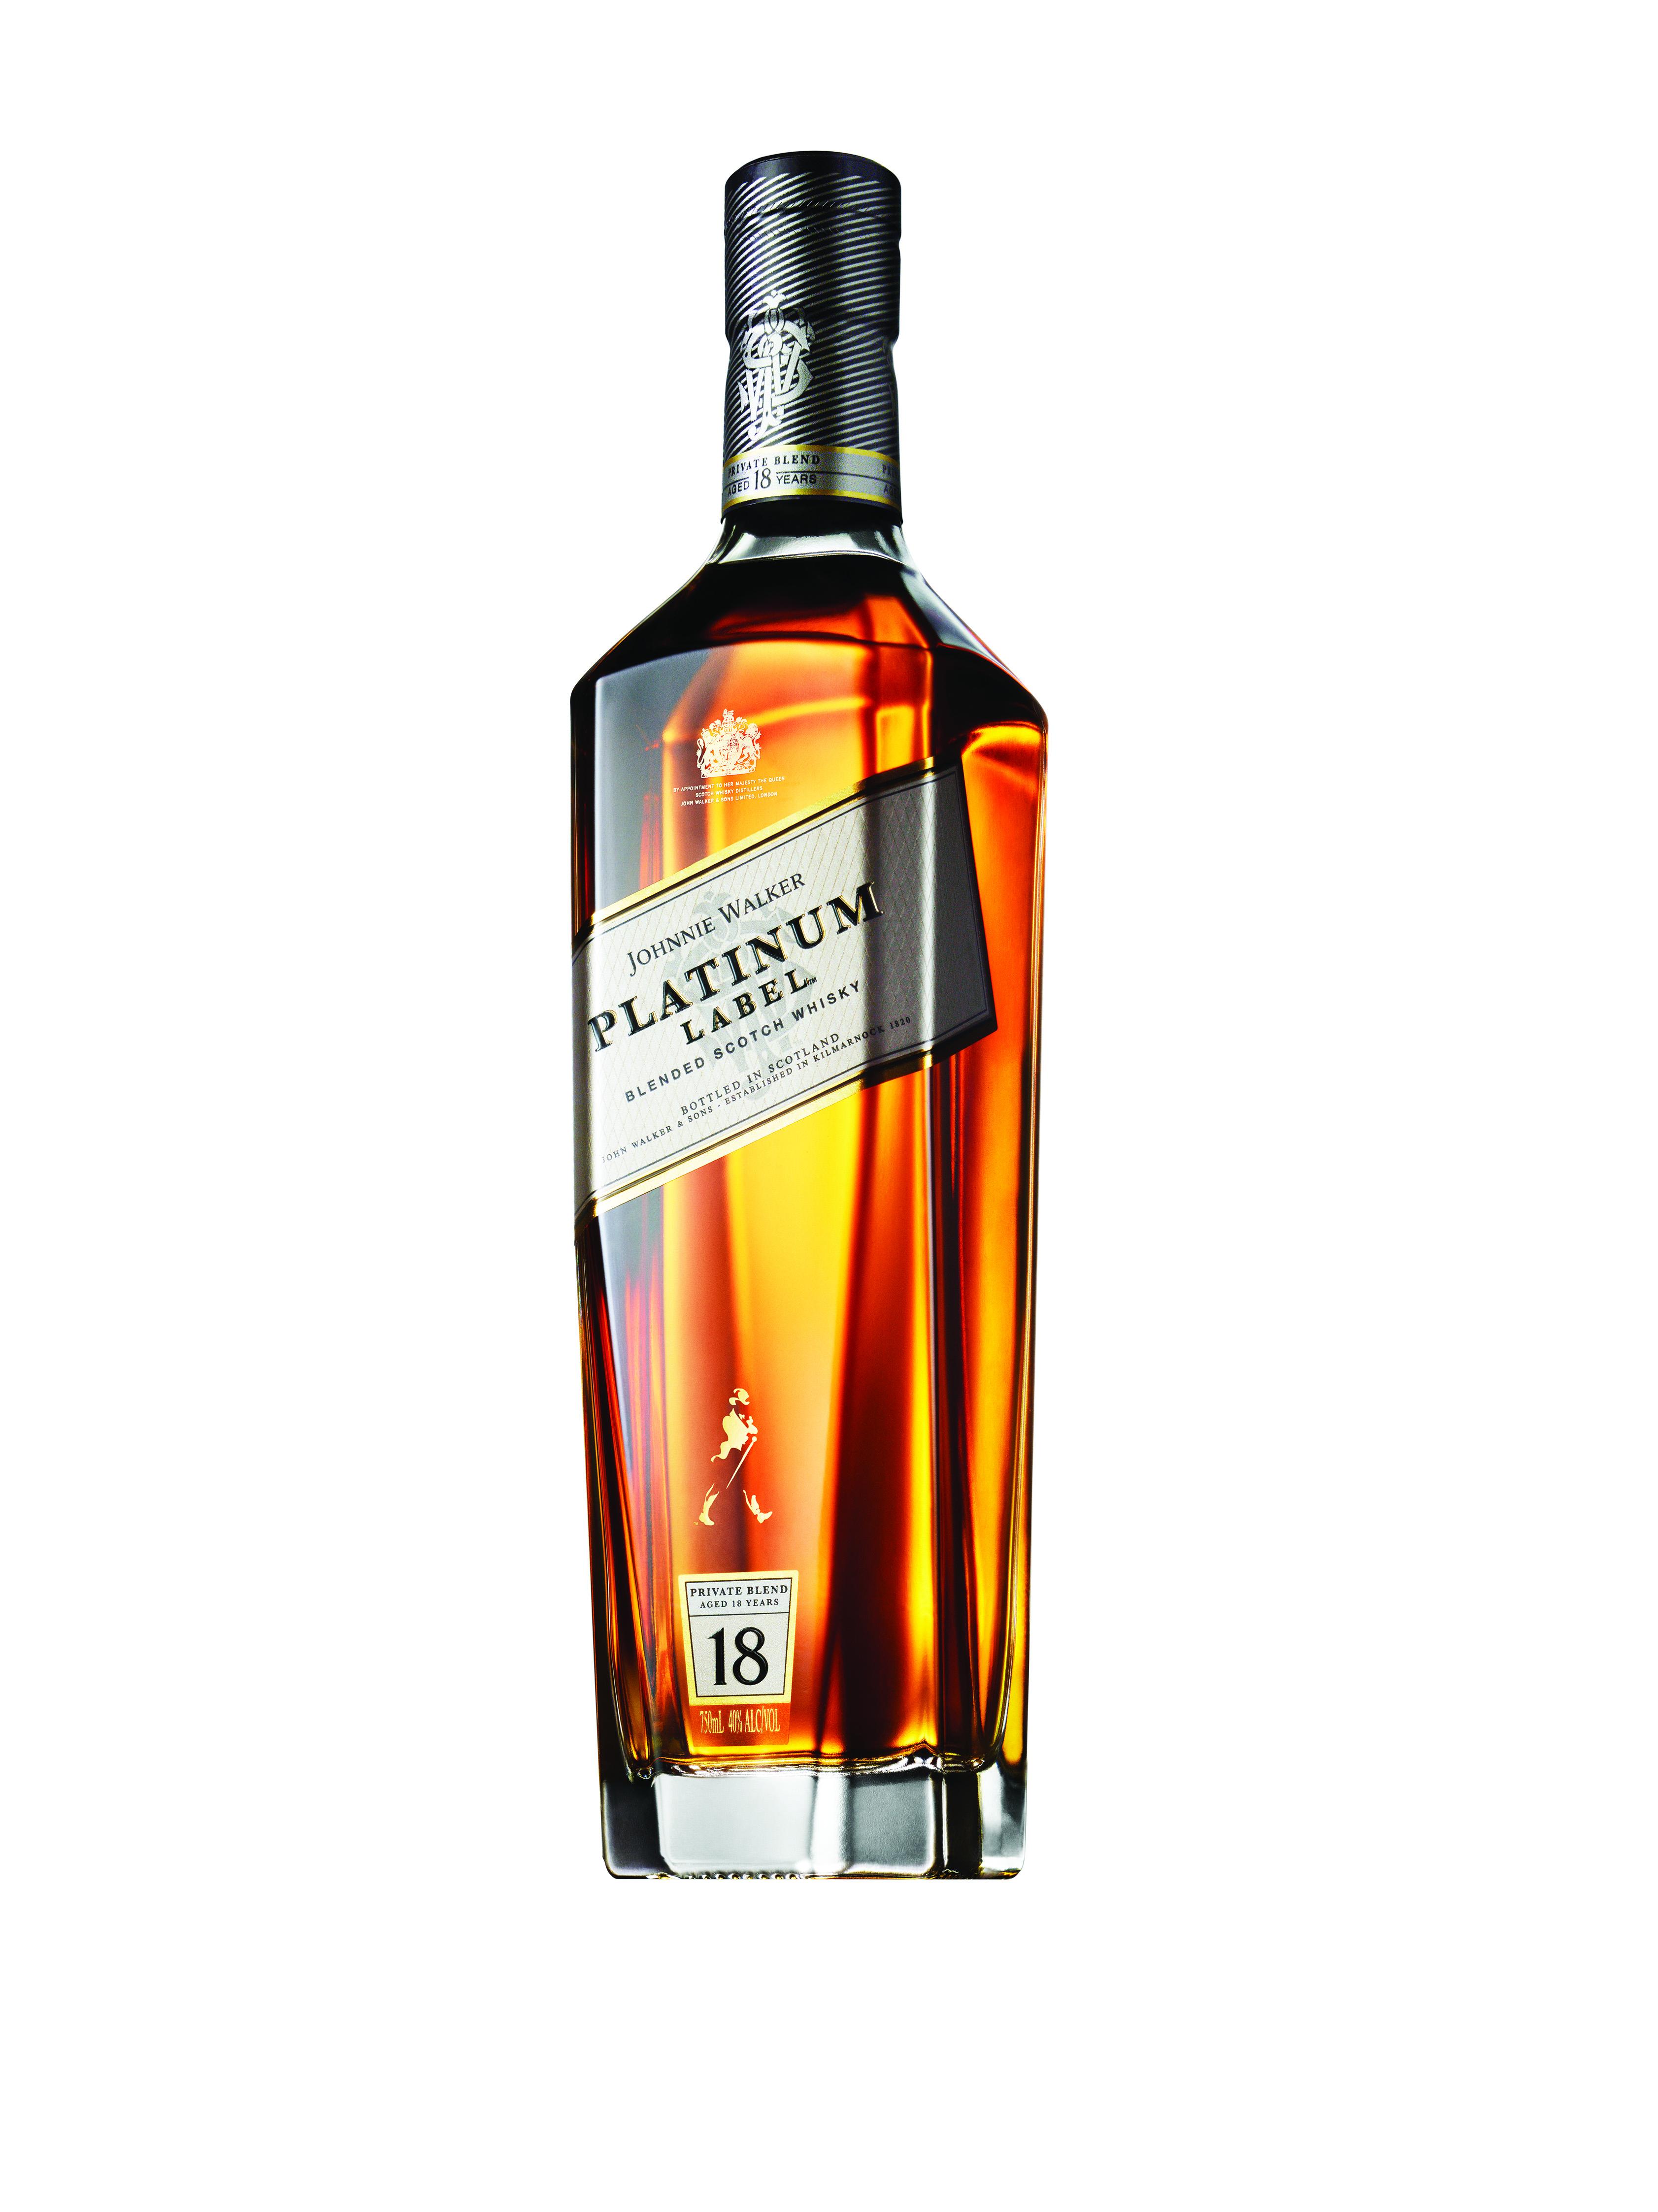 Johnnie Walker Platinum Label 18 Years Old